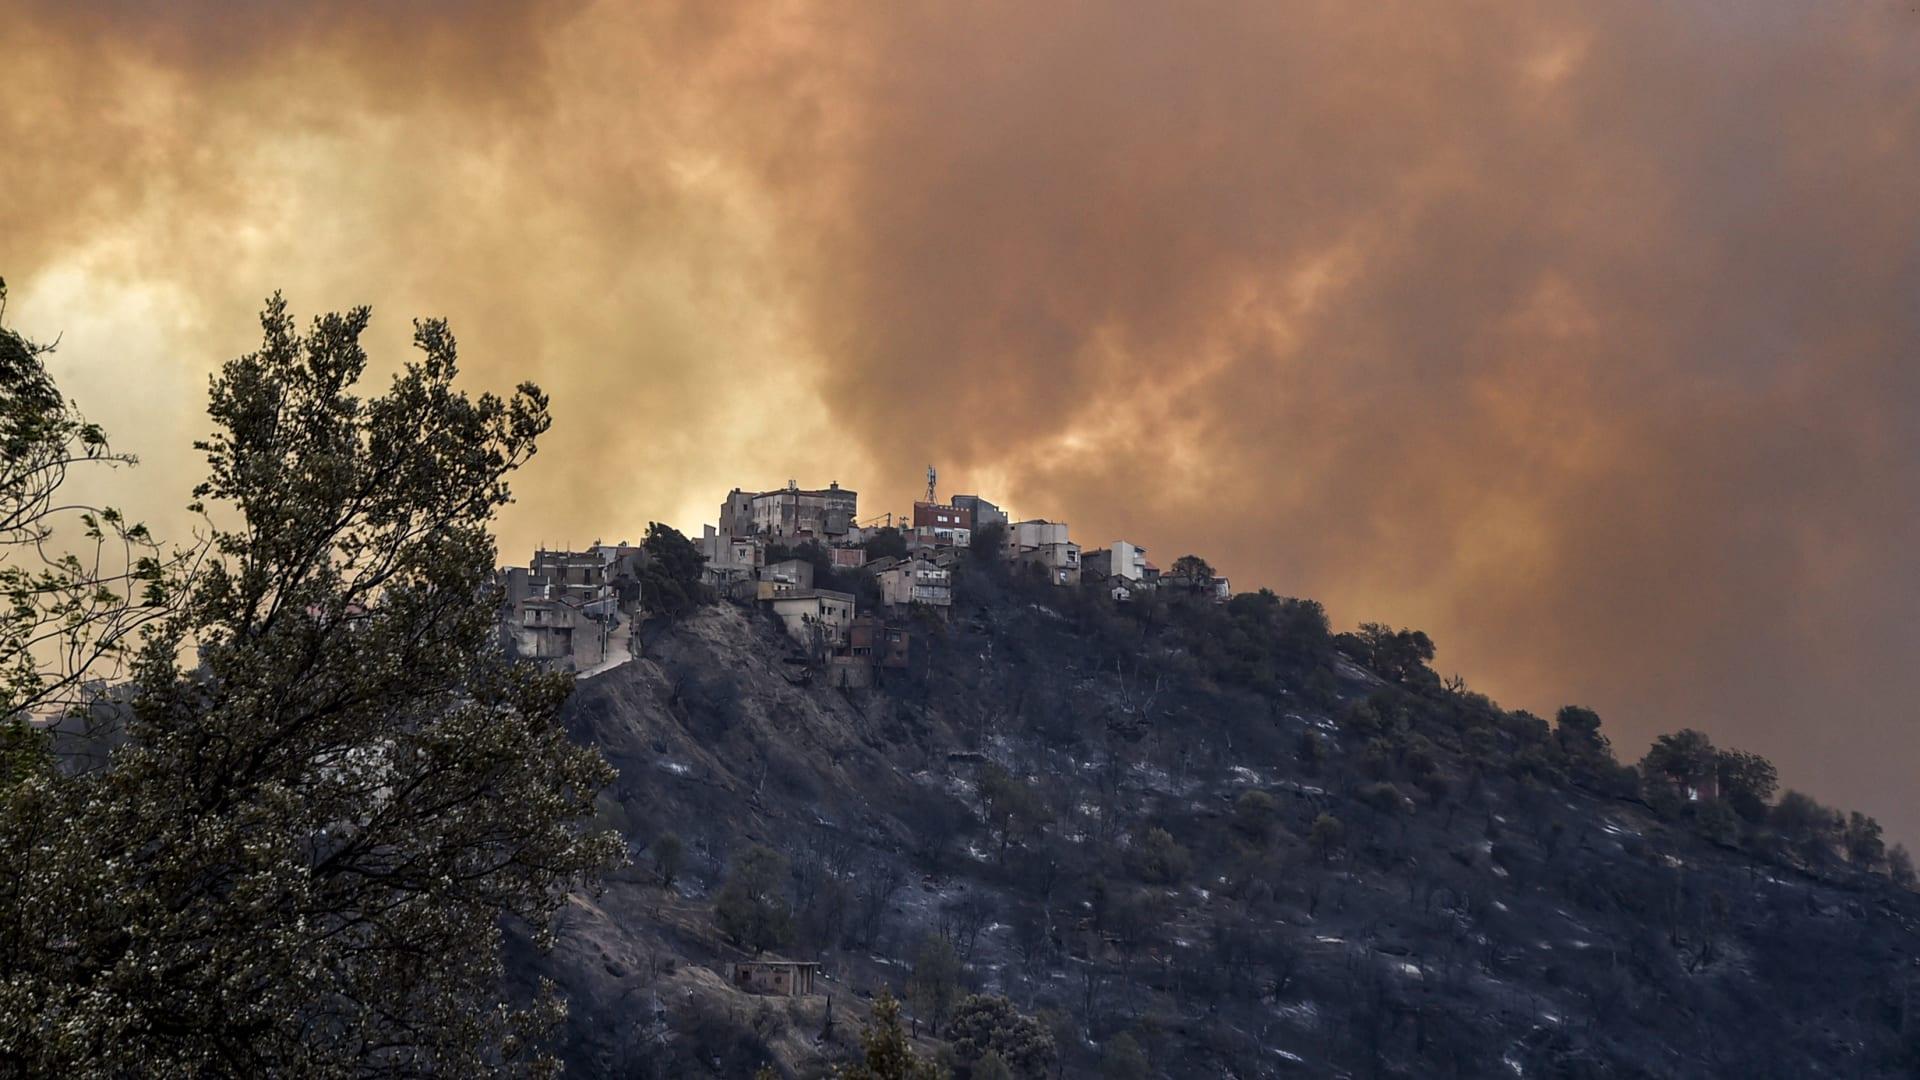 مقتل 4 أشخاص وإصابة 3 أخرون إثر حرائق غابات في الجزائر